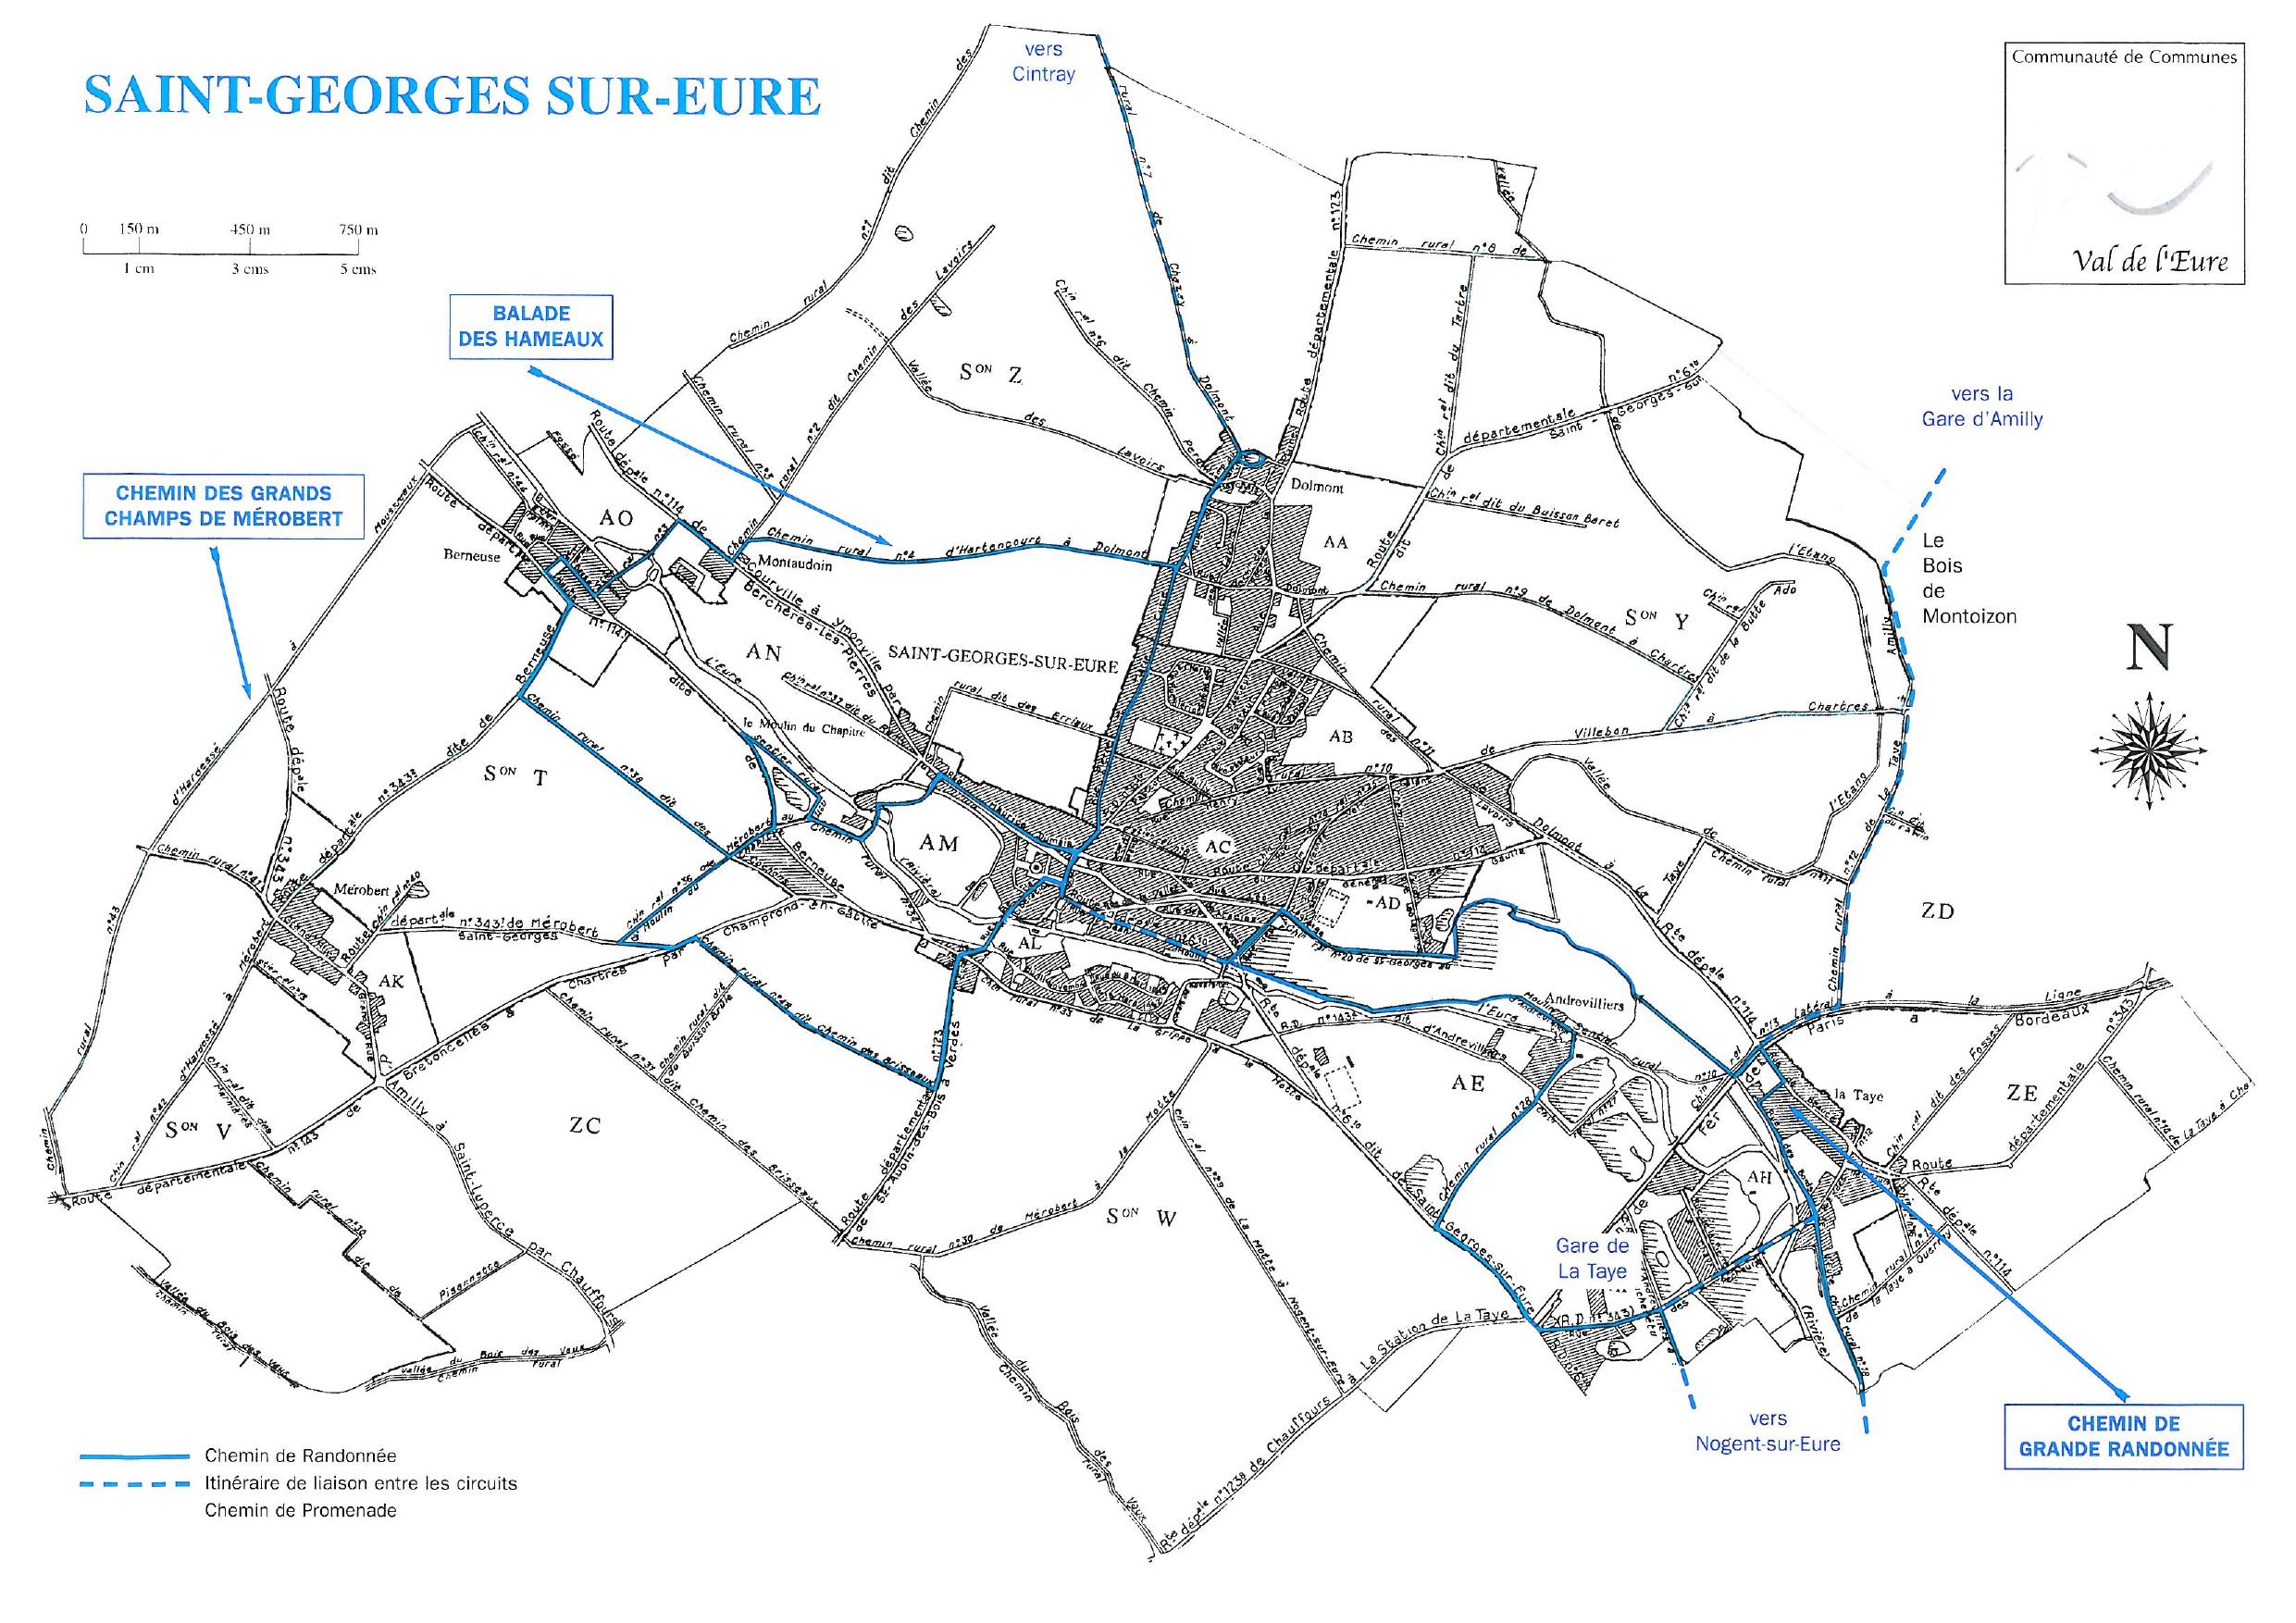 SAINT-GEORGES-SUR-EURE